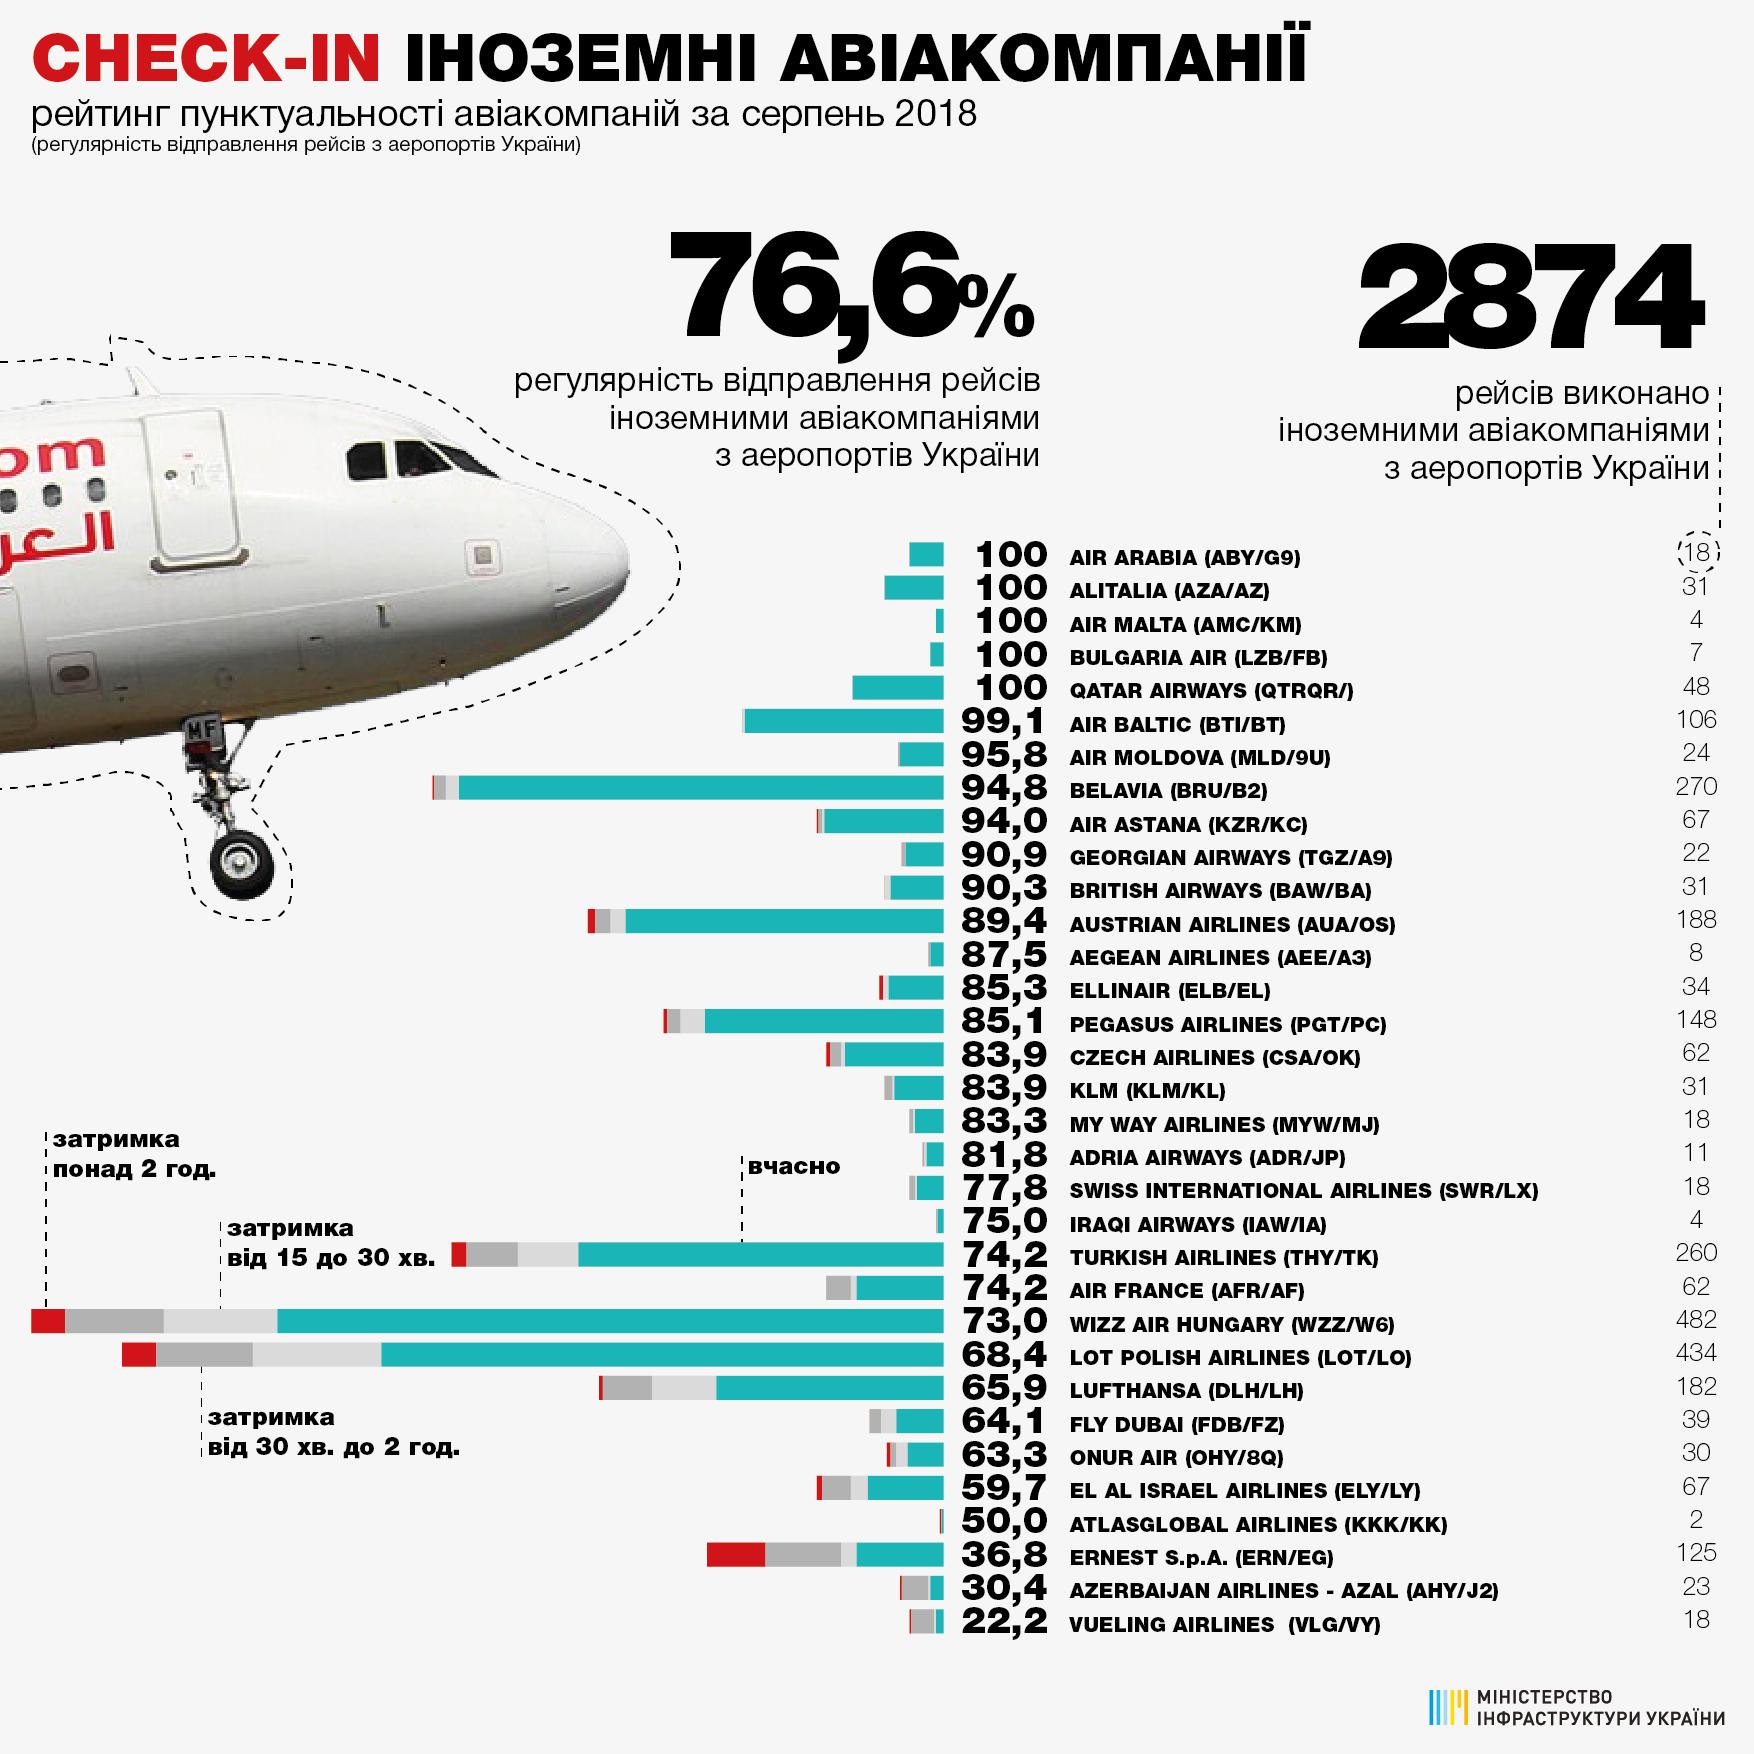 Рейтинг пунктуальності авіаліній за серпень 2018_1